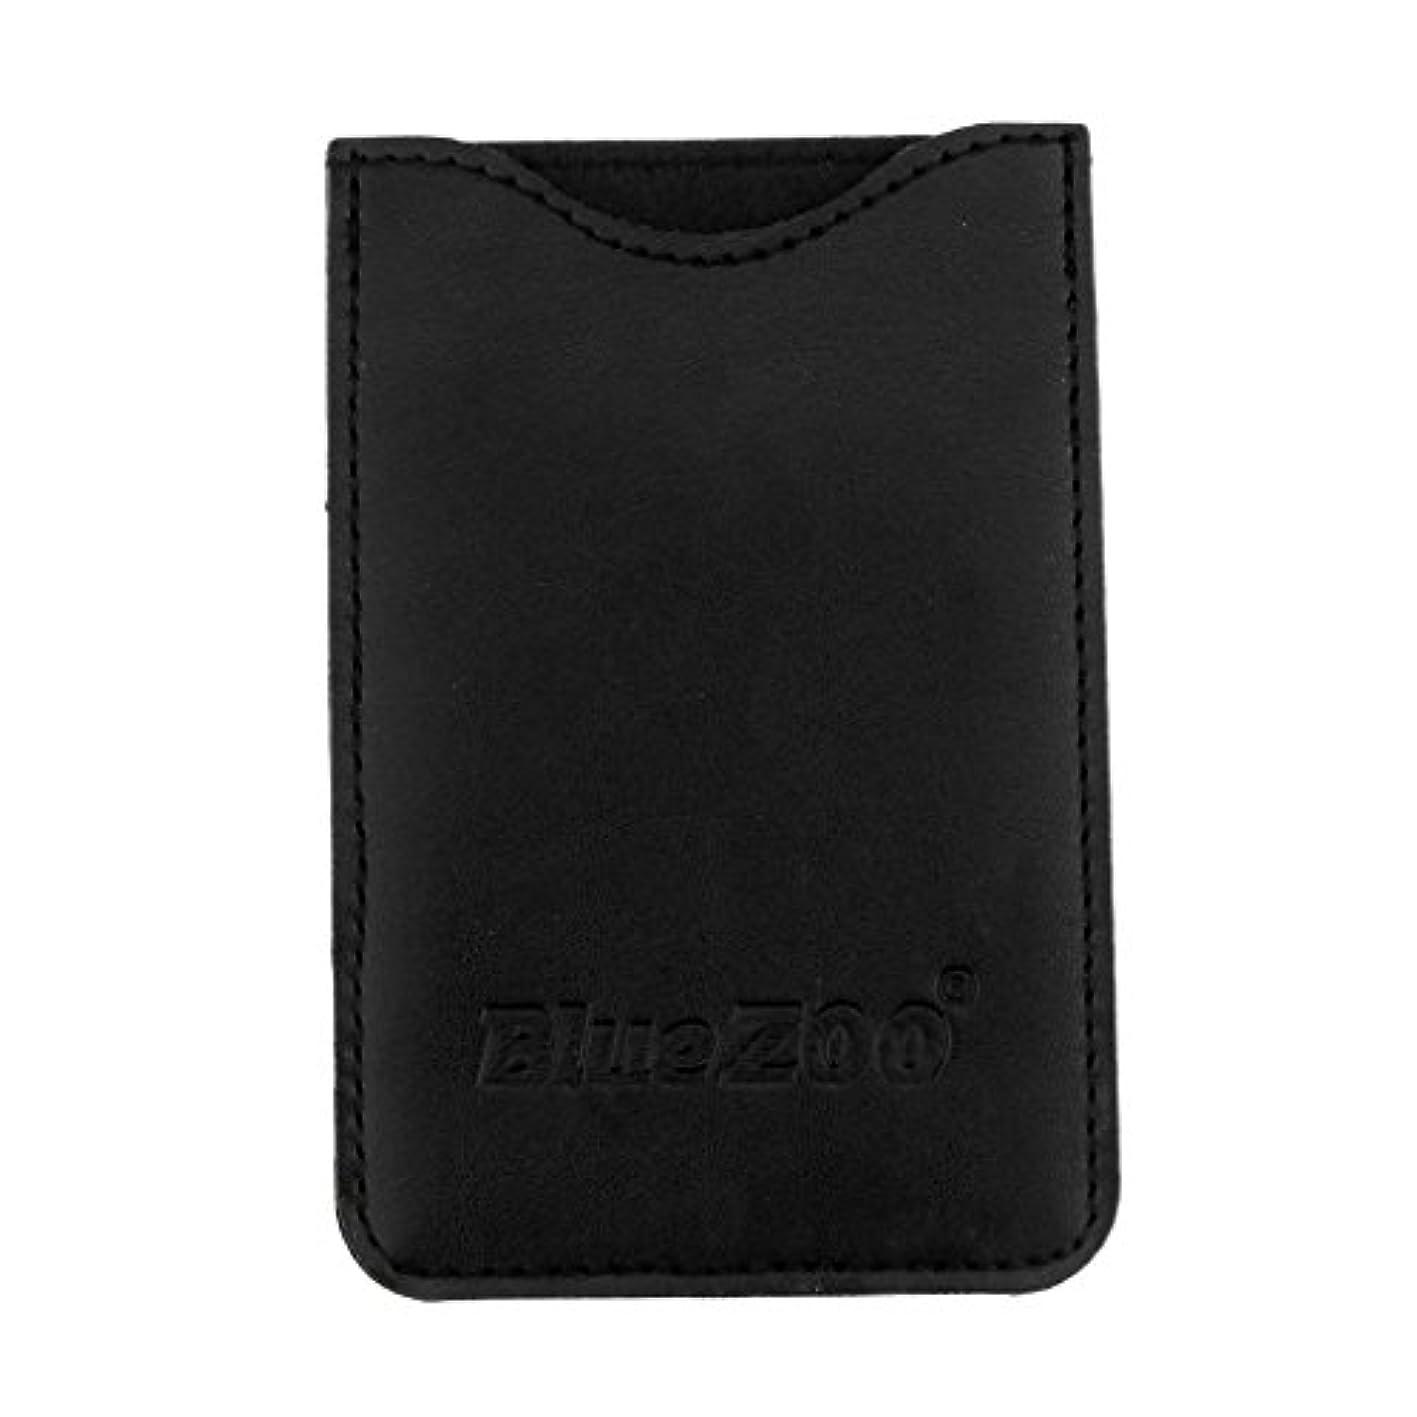 言い聞かせる不完全な科学者Toygogo PUレザー ポケット コームバッグ 櫛バッグ 収納パック 保護カバー 柔らかい 全2色 - ブラック